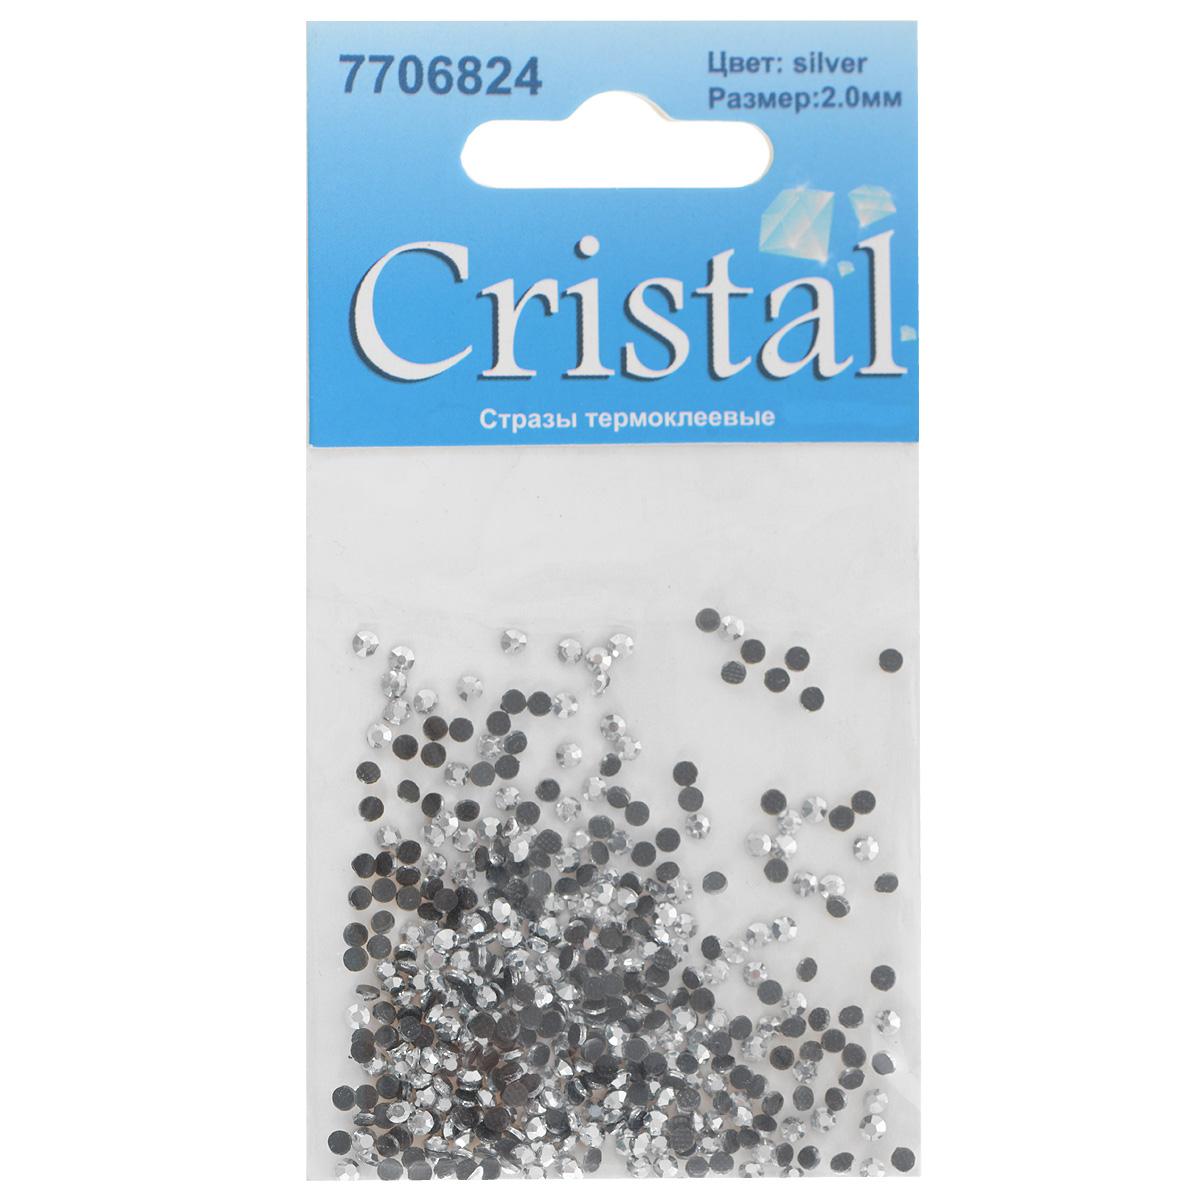 Стразы термоклеевые Cristal, цвет: серебристый, диаметр 2 мм, 432 шт7706824_сереброНабор термоклеевых страз Cristal, изготовленный из высококачественного акрила, позволит вам украсить одежду, аксессуары или текстиль. Яркие стразы имеют плоское дно и круглую поверхность с гранями.Дно термоклеевых страз уже обработано особым клеем, который под воздействием высоких температур начинает плавиться, приклеиваясь, таким образом, к требуемой поверхности. Чаще всего их используют в текстильной промышленности: стразы прикладывают к ткани и проглаживают утюгом с обратной стороны. Также можно использовать специальный паяльник. Украшение стразами поможет сделать любую вещь оригинальной и неповторимой. Диаметр страз: 2 мм.